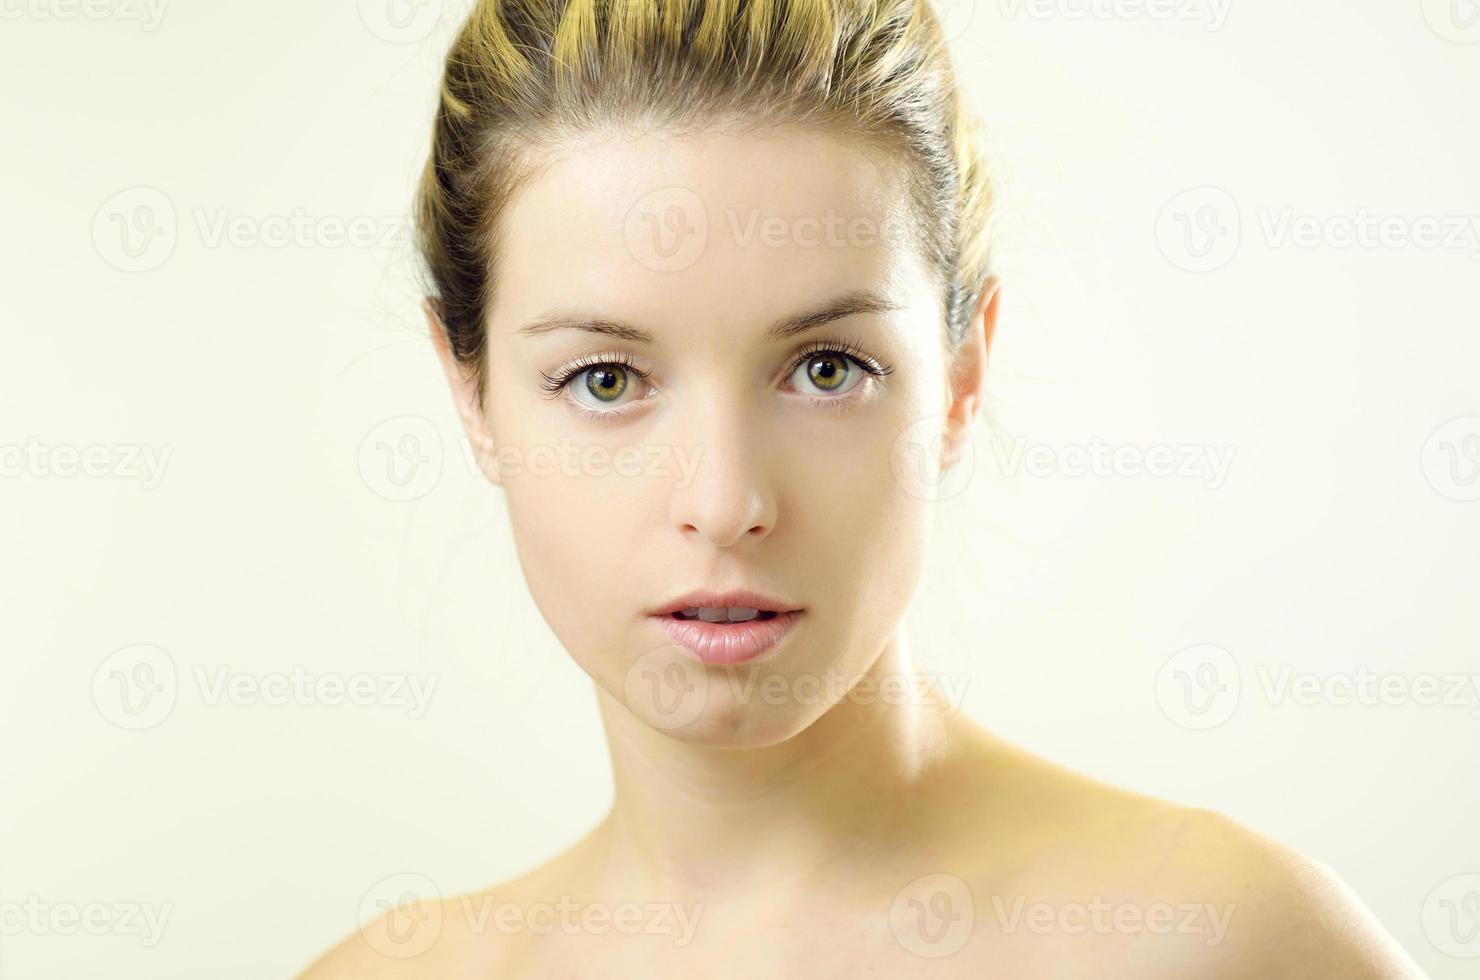 jeugdig portret foto